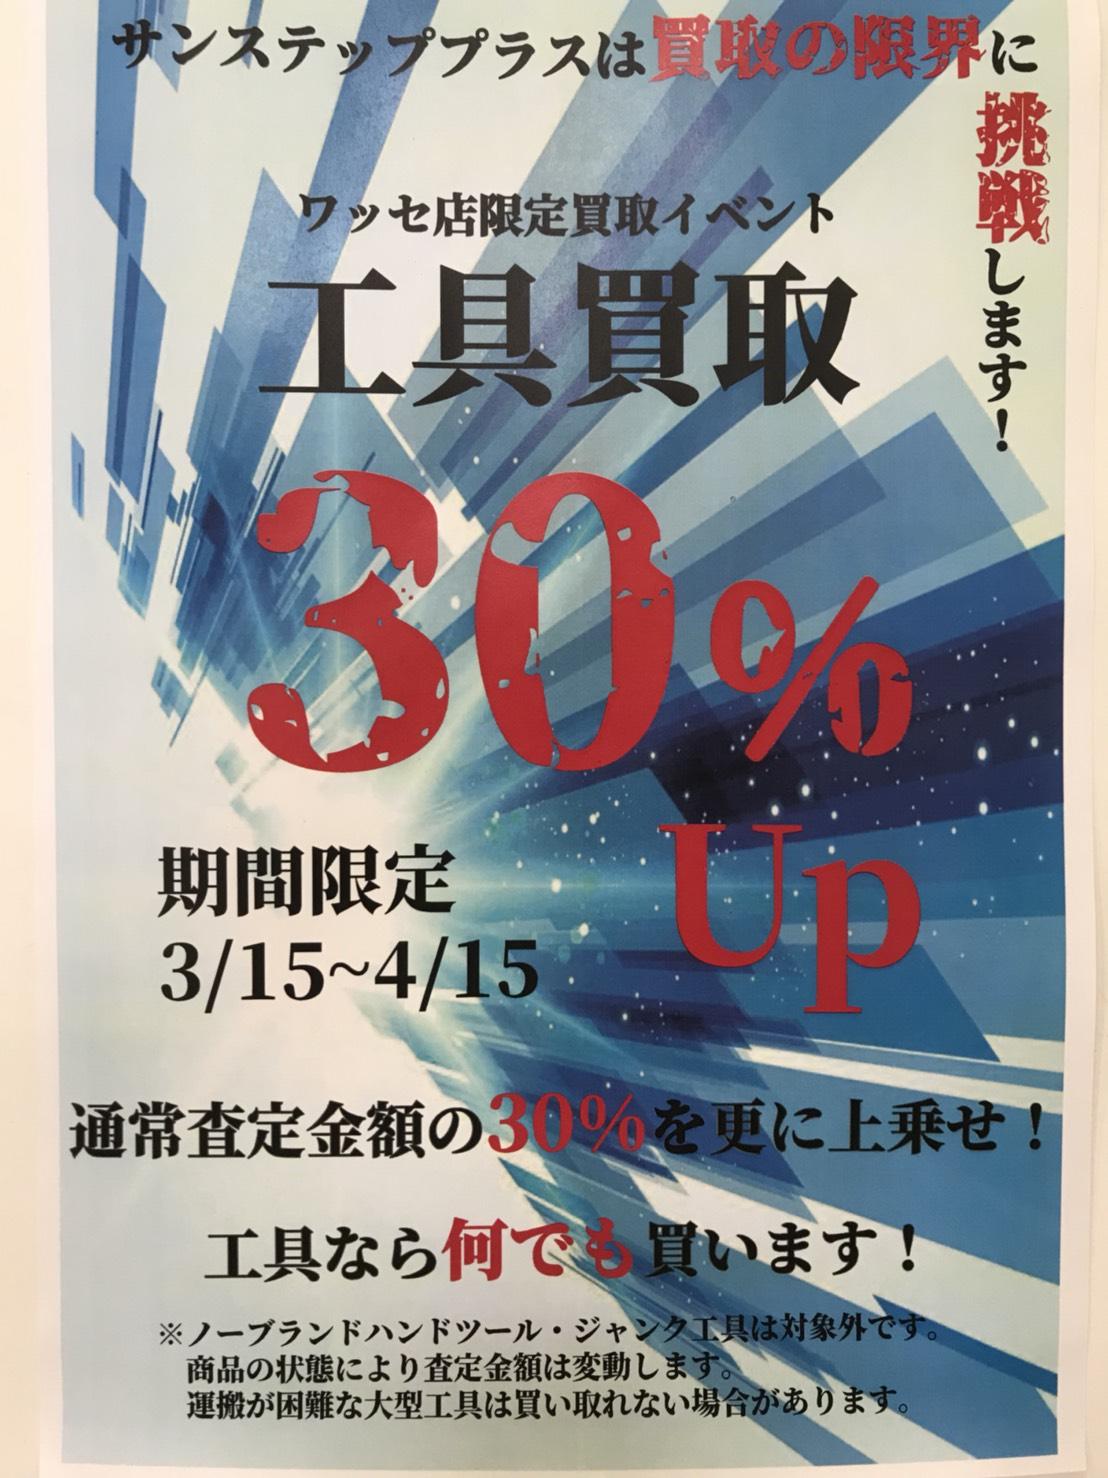 中古工具買取30%アップイベント開催☆サンステッププラスワッセ店 買取 買い取り 福井市